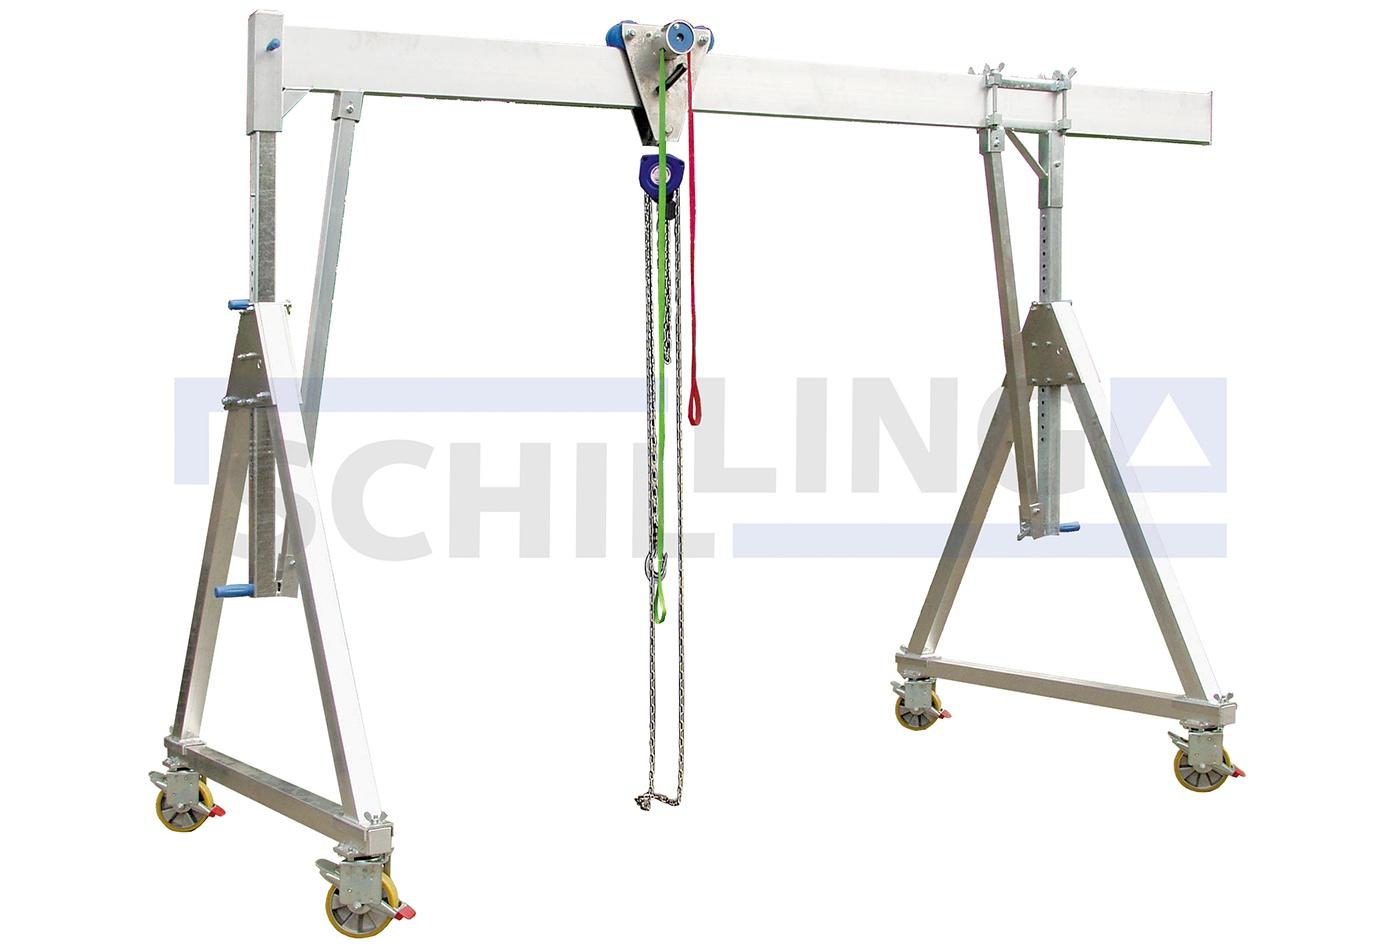 Schilling Tek Kiriş Tekerli Köprü Vinçler [1-1.5 ton]